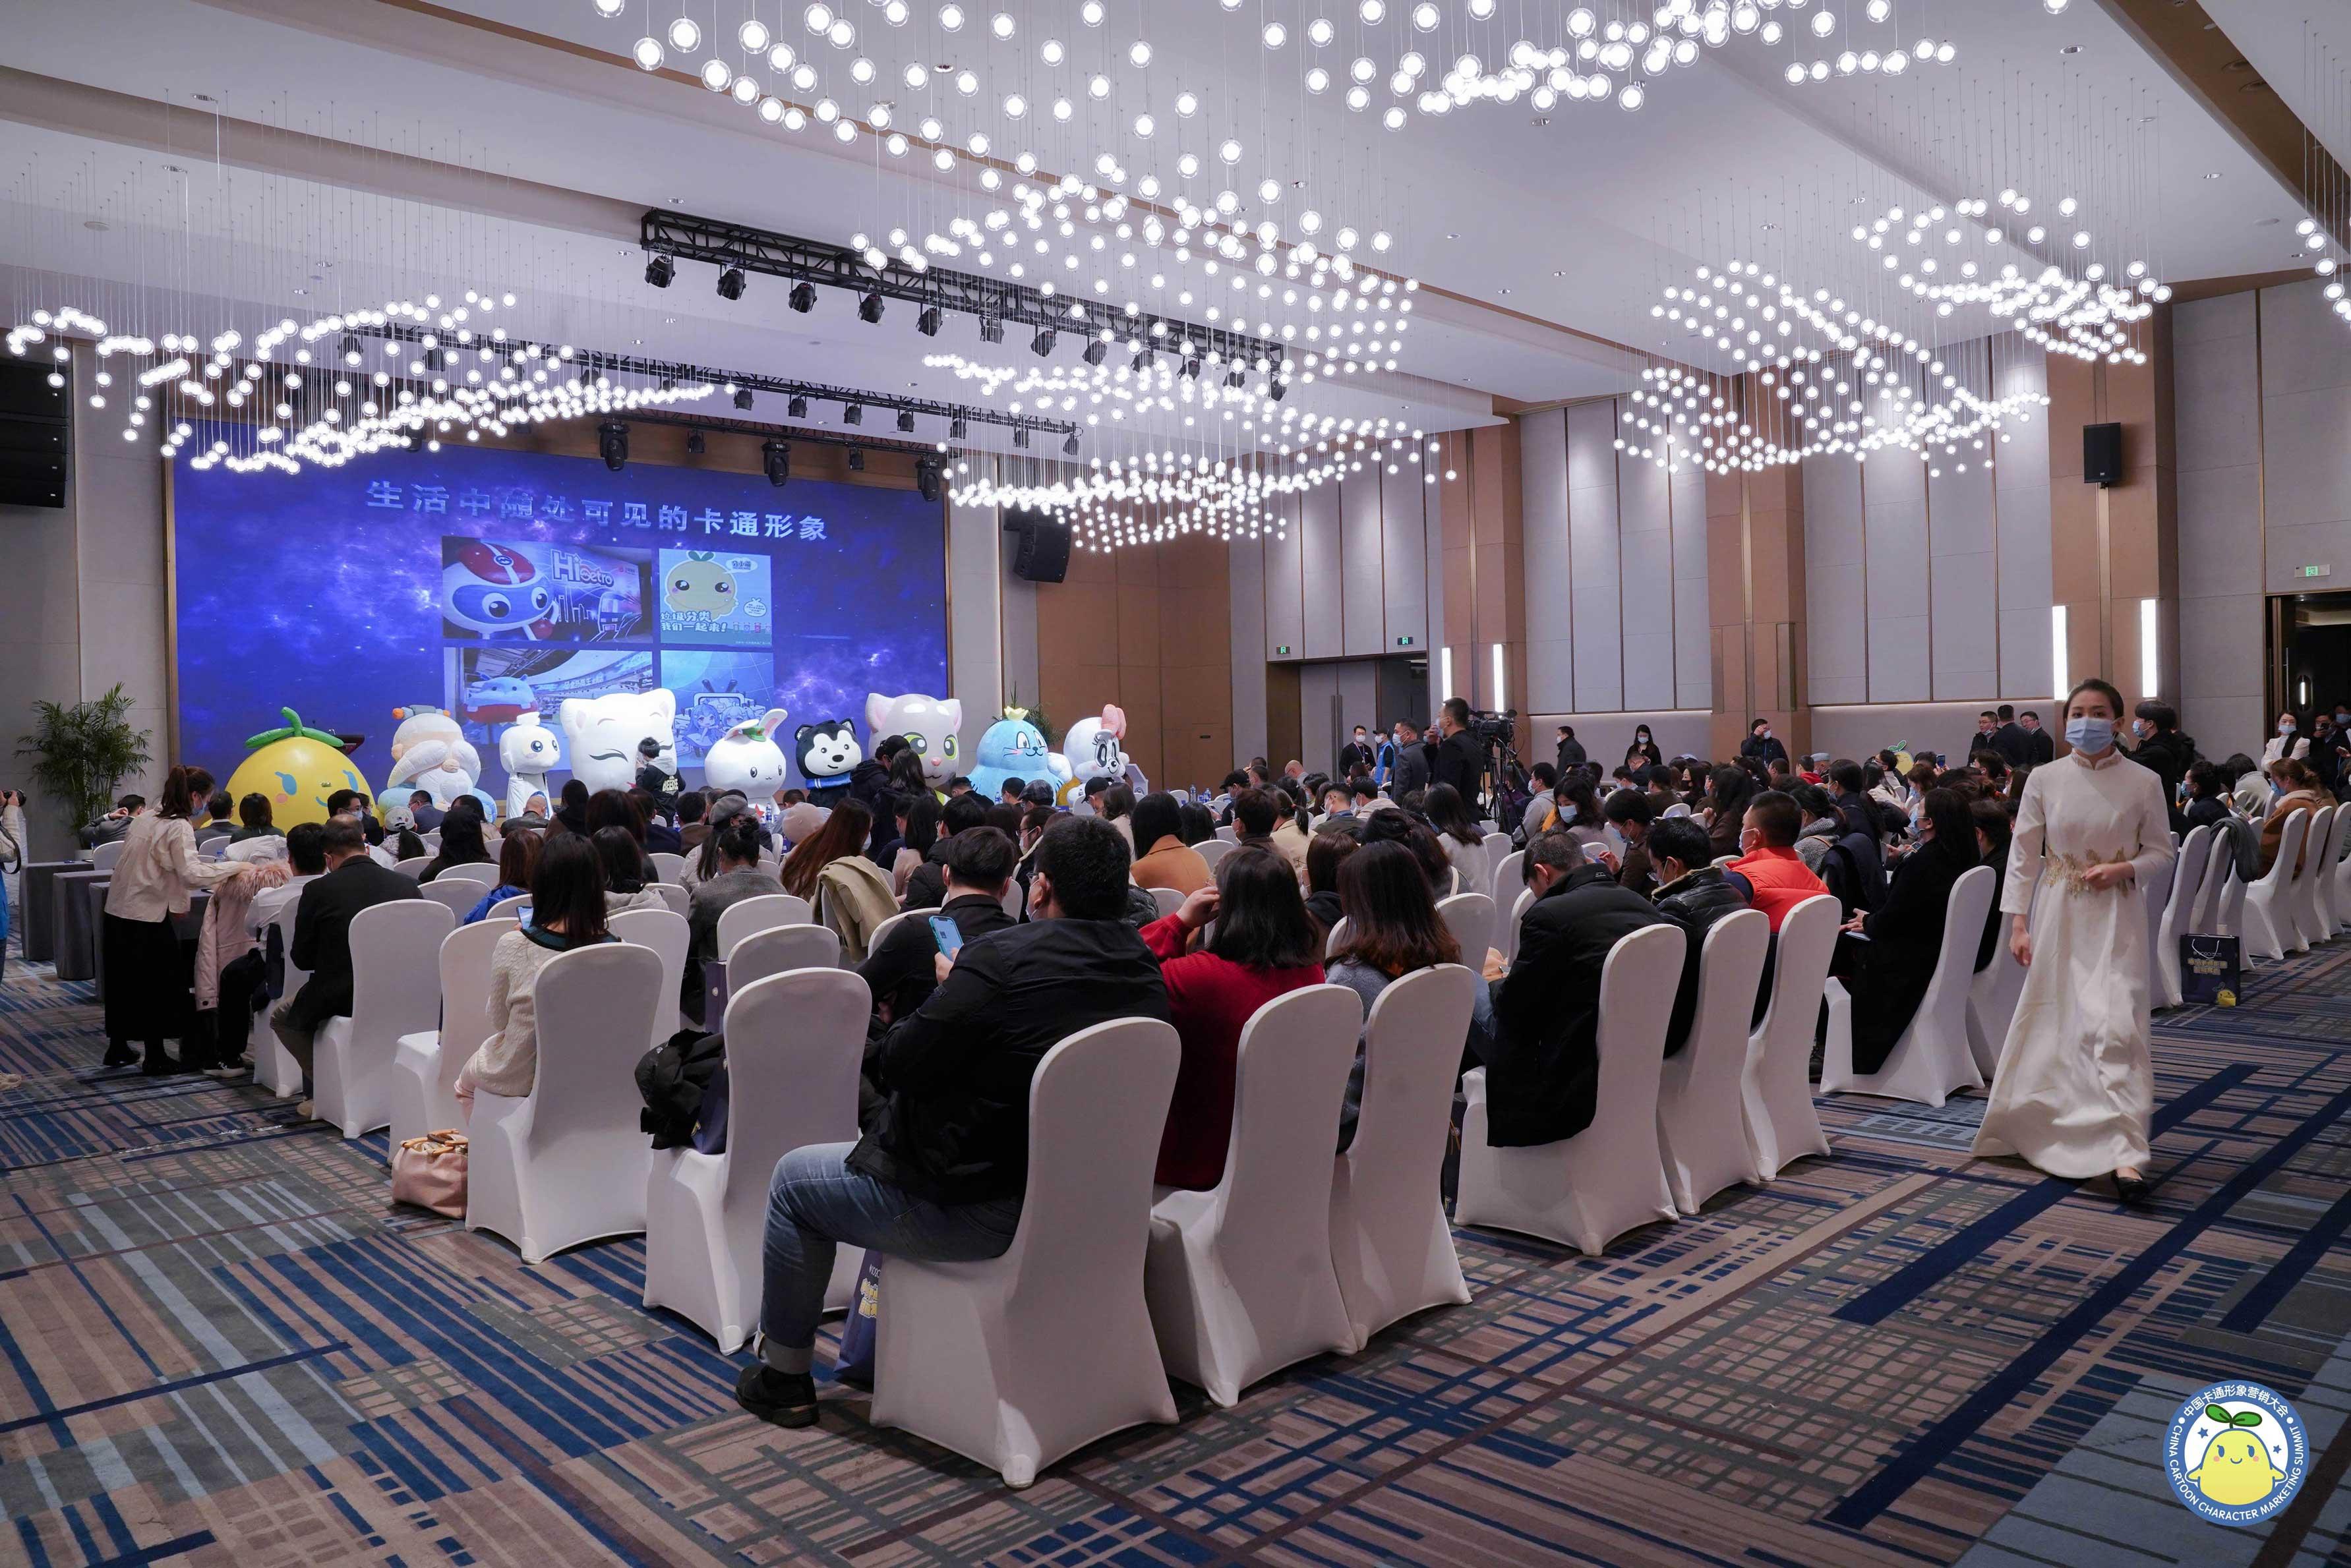 动漫拉动消费升级,2020中国卡通形象营销大会举办